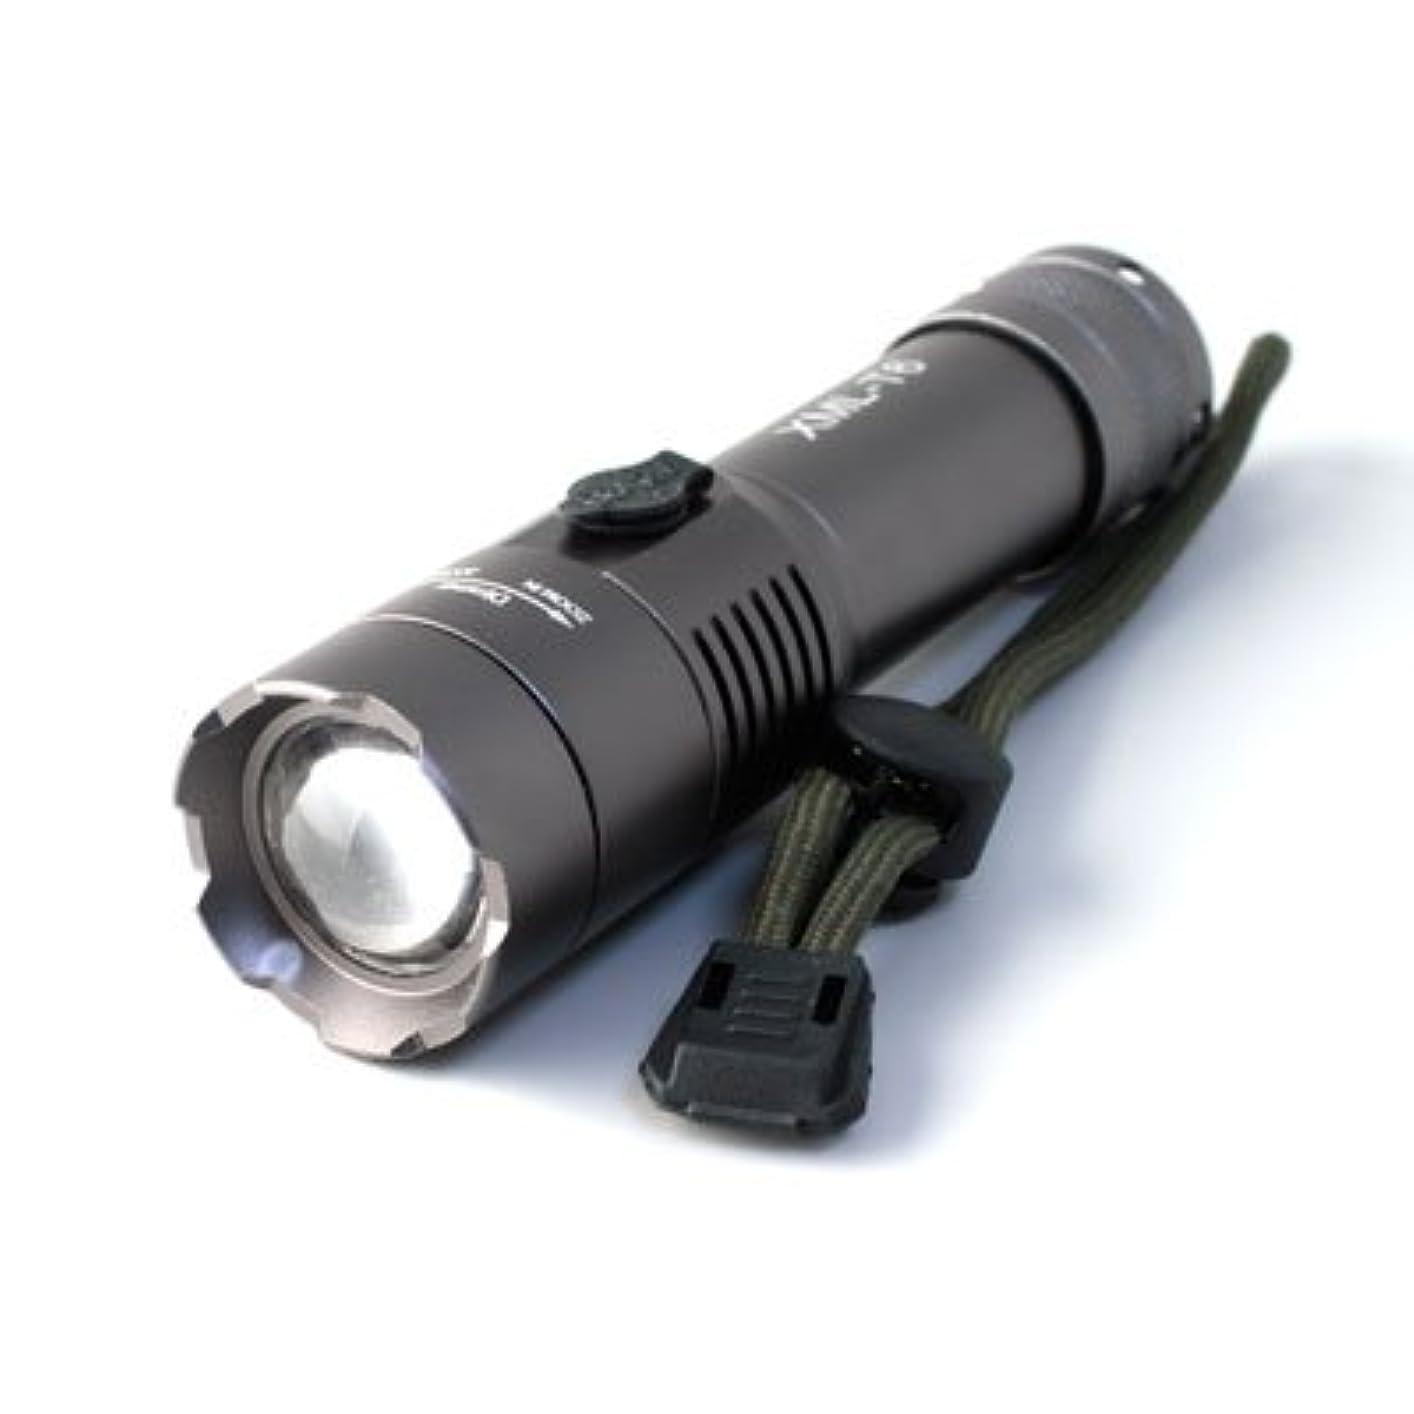 スチュワード伸ばすモトリー懐中電灯 LED懐中電灯 フラッシュライト ハンディライト 2200lm fl-s014